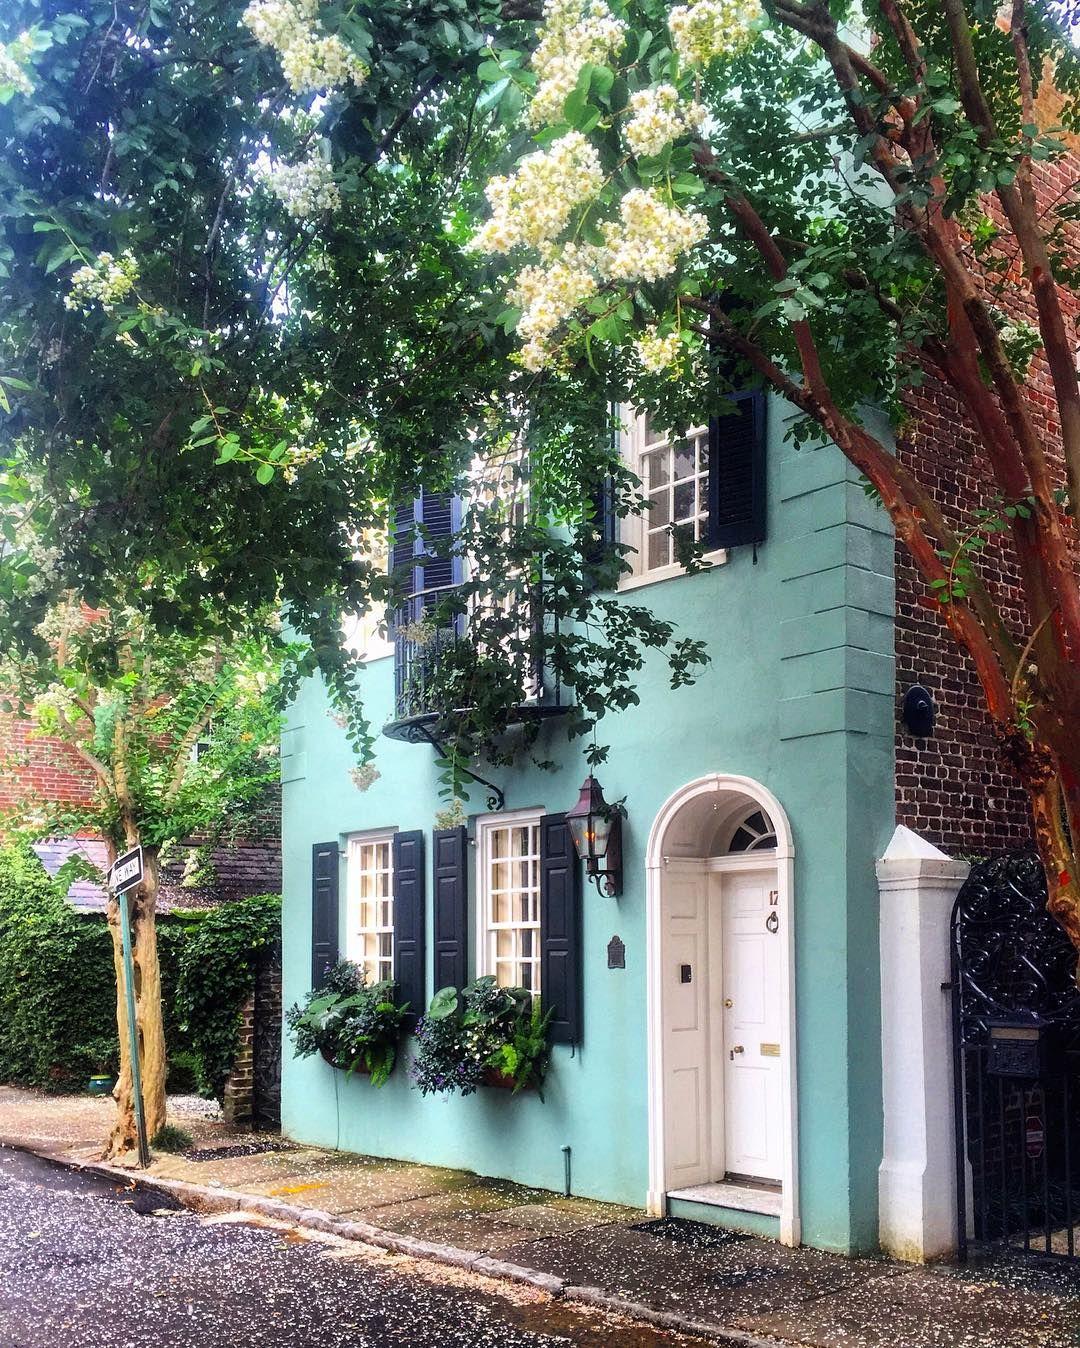 Charleston Sc Homes: Tradd Street #charleston #historiccharleston #charlestonly